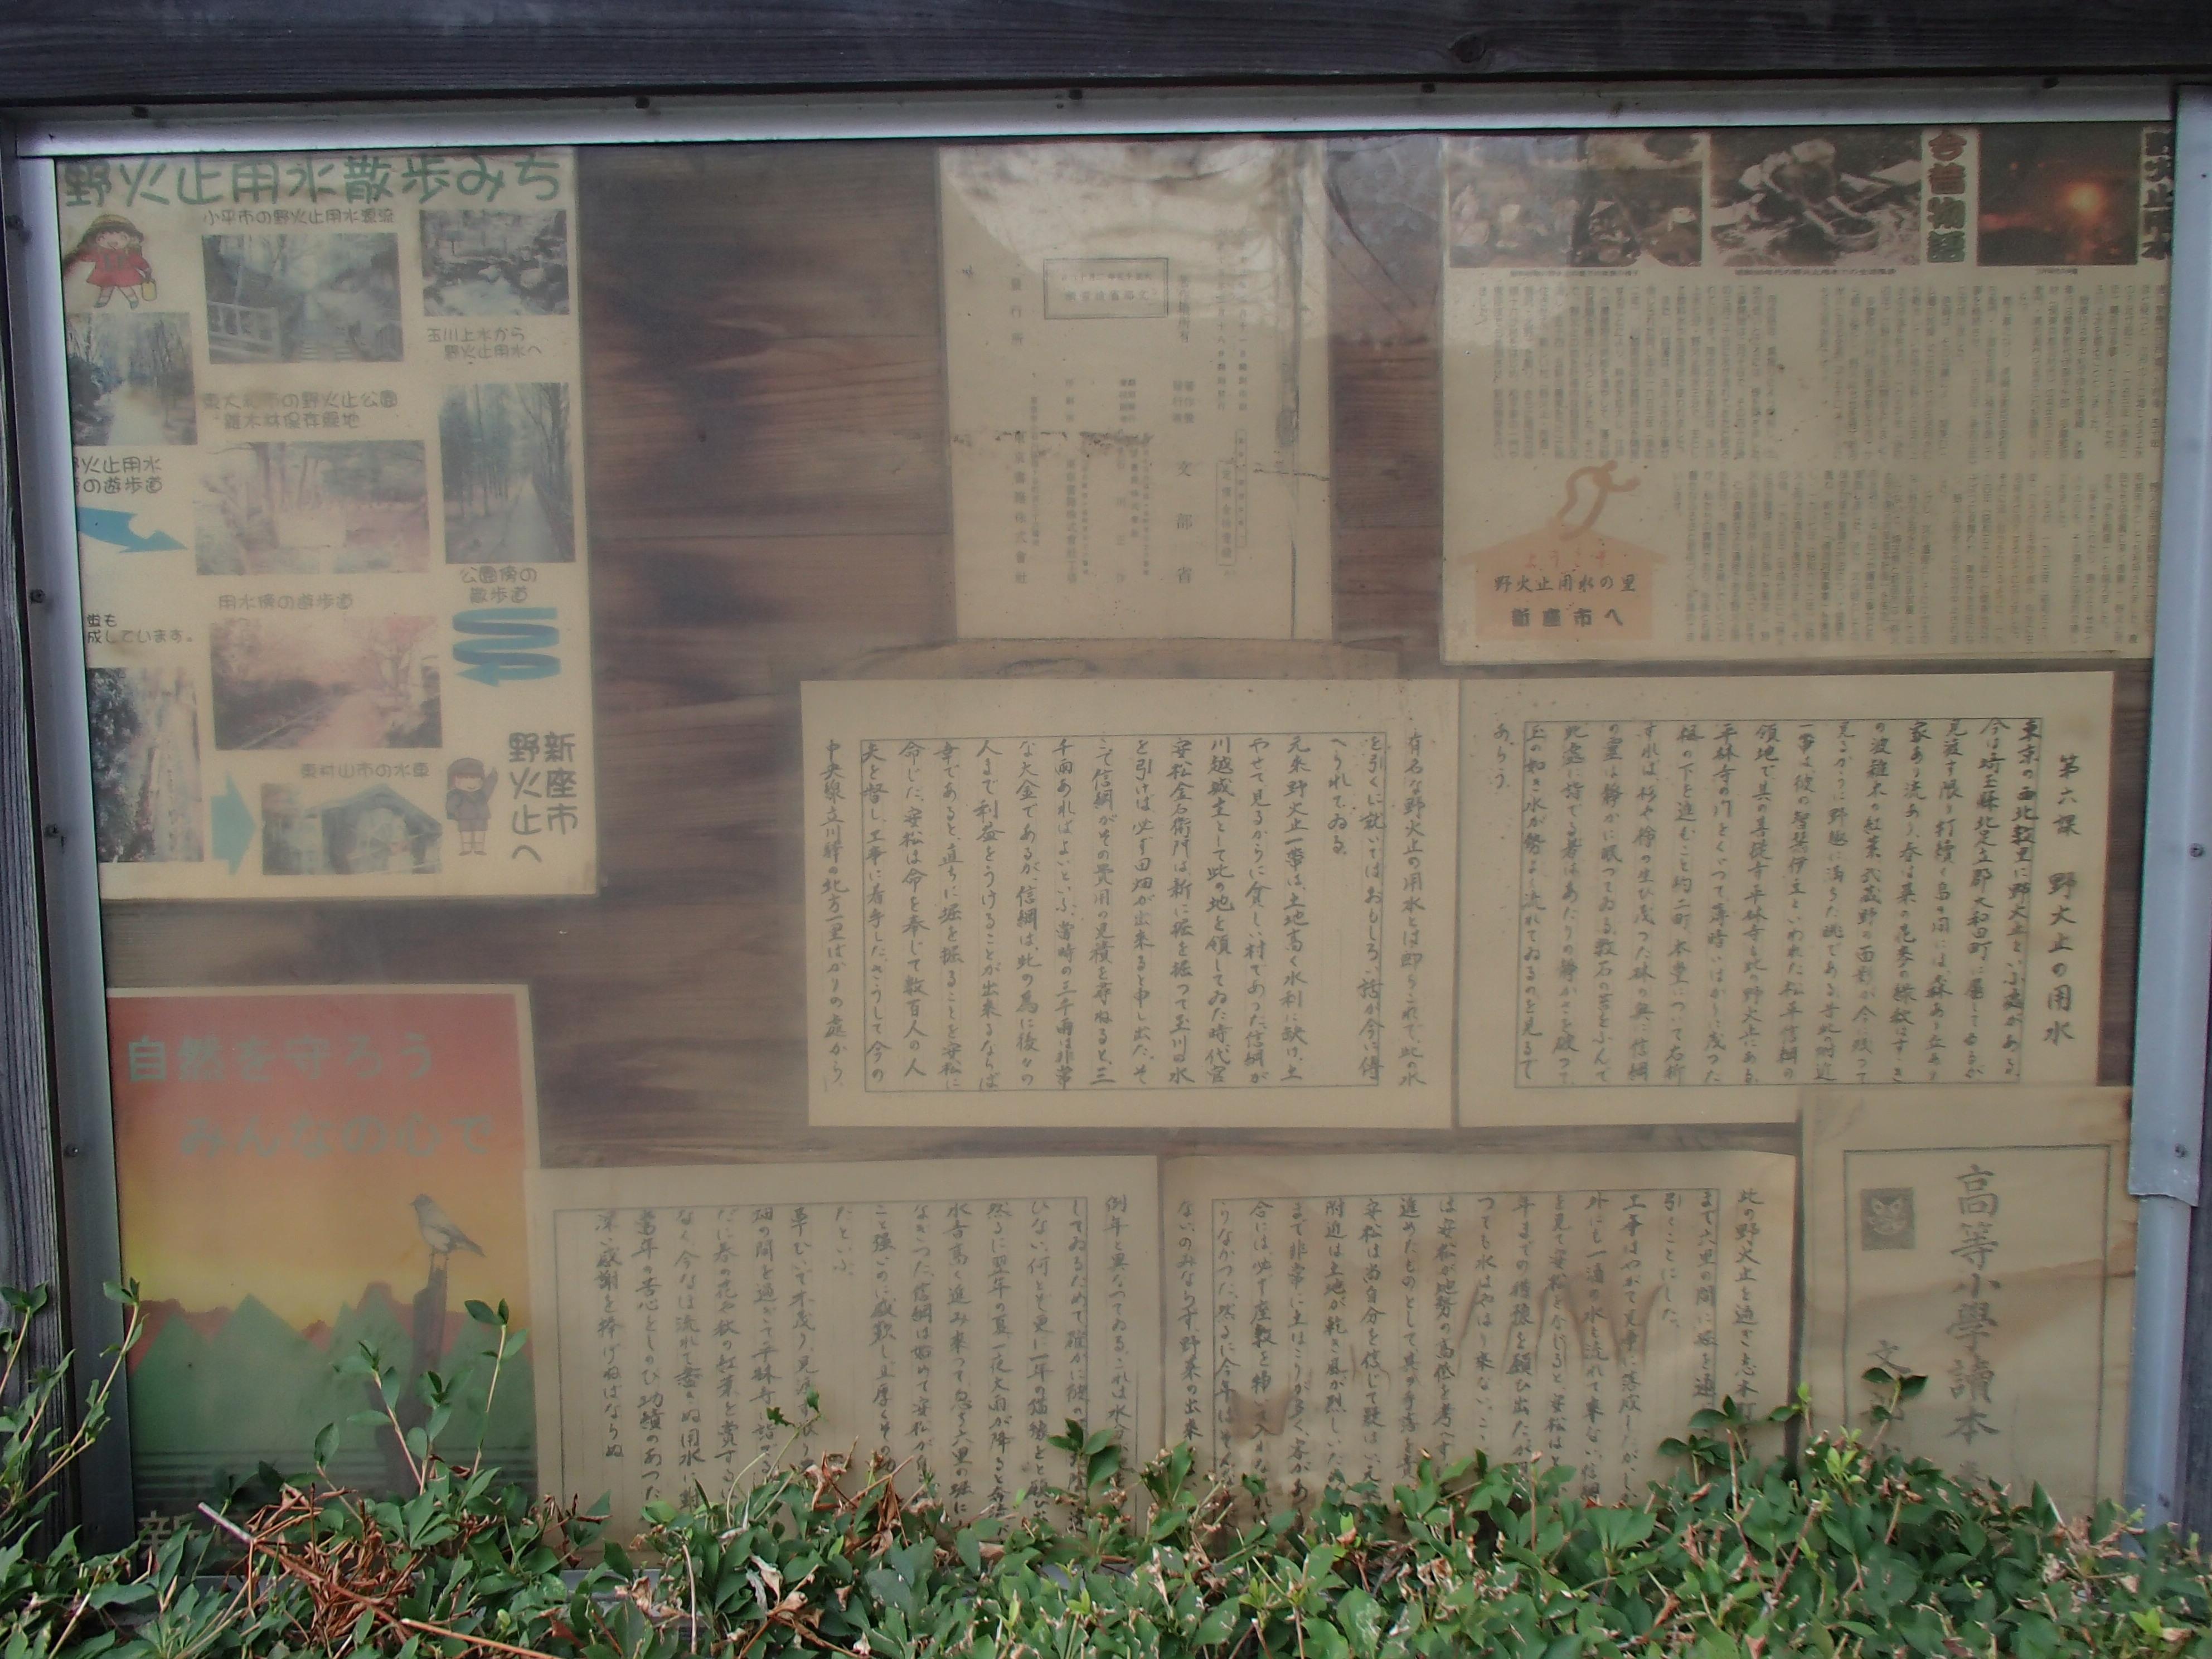 【図8】新座駅南口公園前「ふるさと小道」の掲示板にて。2017.7.23 筆者撮影